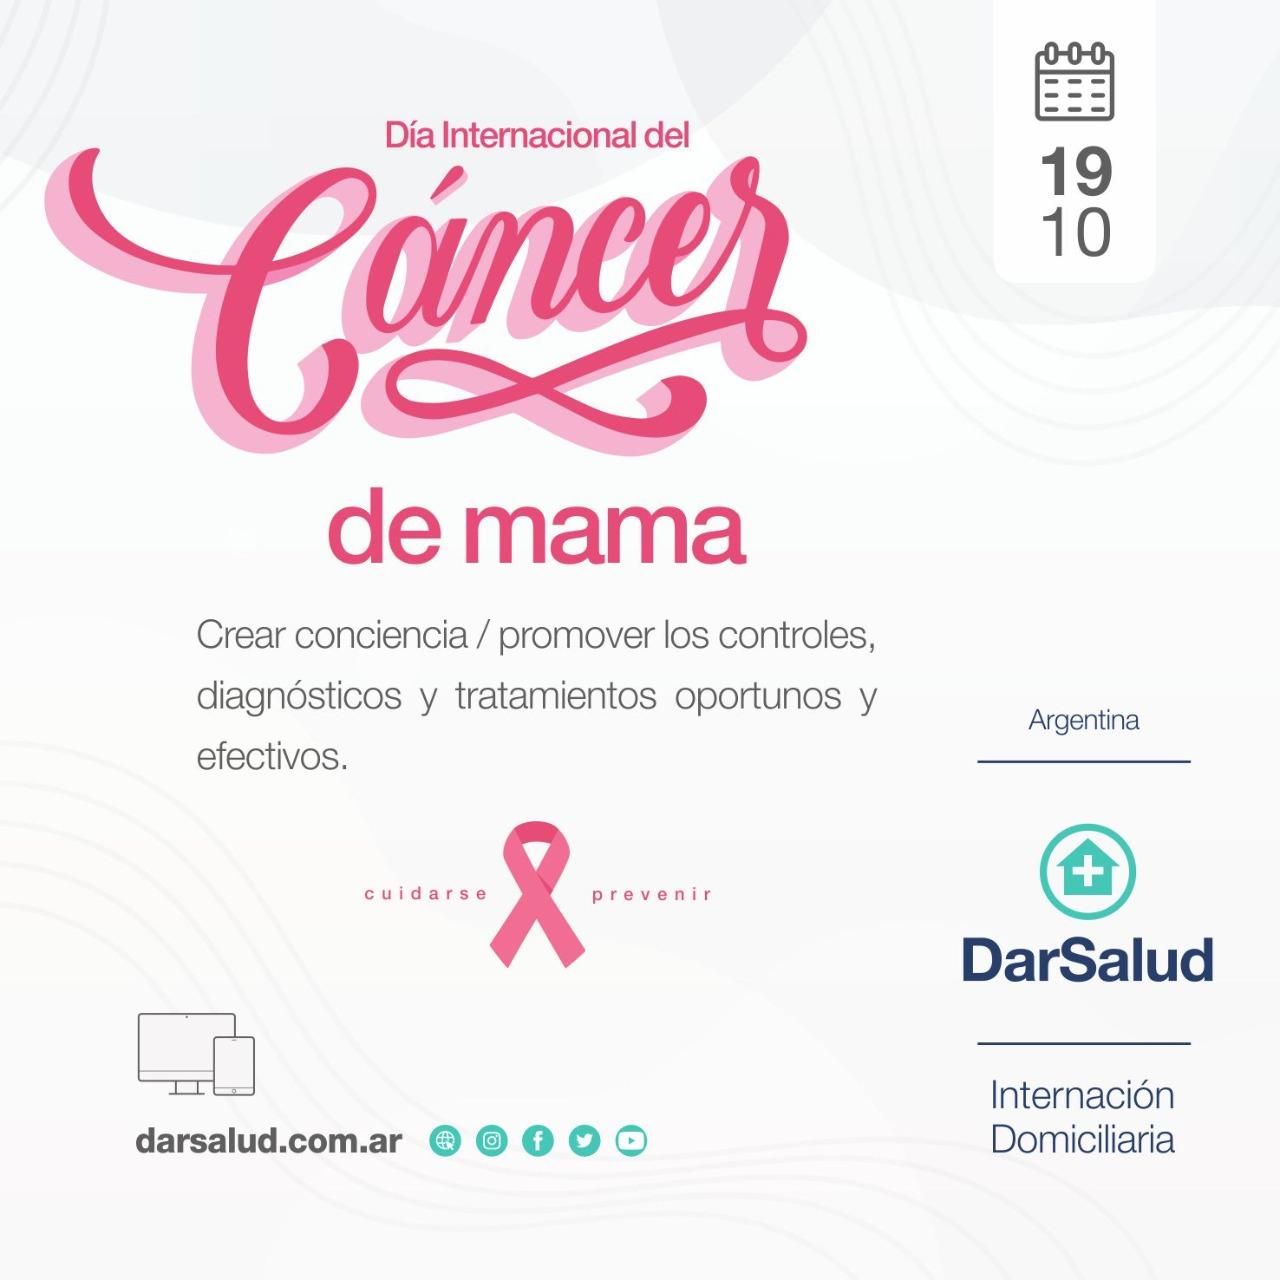 Cáncer de Mama: La importancia de la detección precoz para poder superar la enfermedad